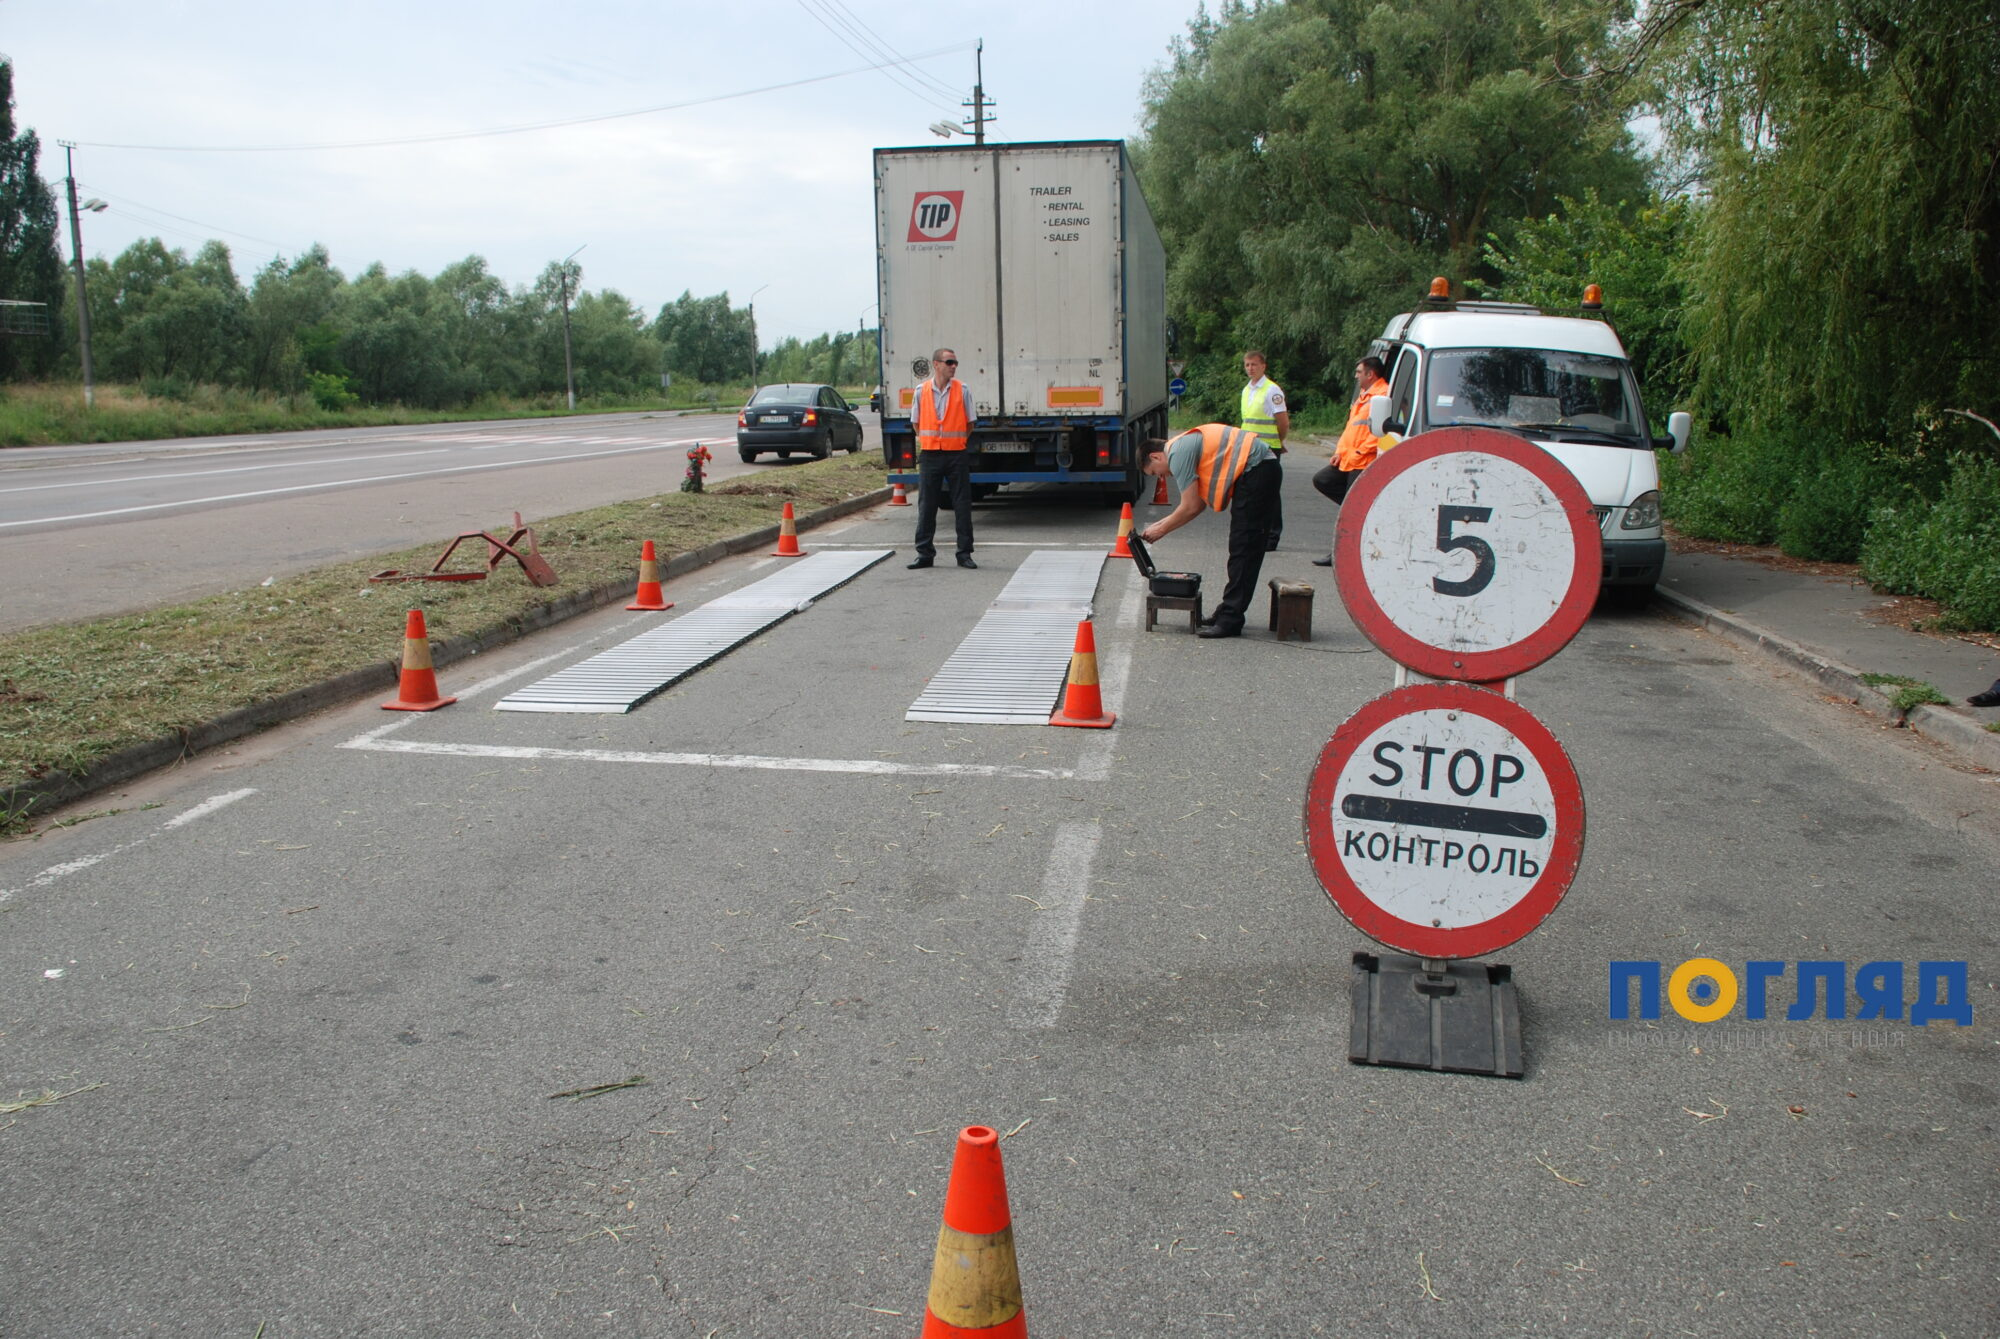 Зберегти дороги: в Україні посилять відповідальність за недотримання габаритно-вагових норм - законопроєкт, дороги, Верховна Рада України, вантажівки - DSC 2510 2000x1339